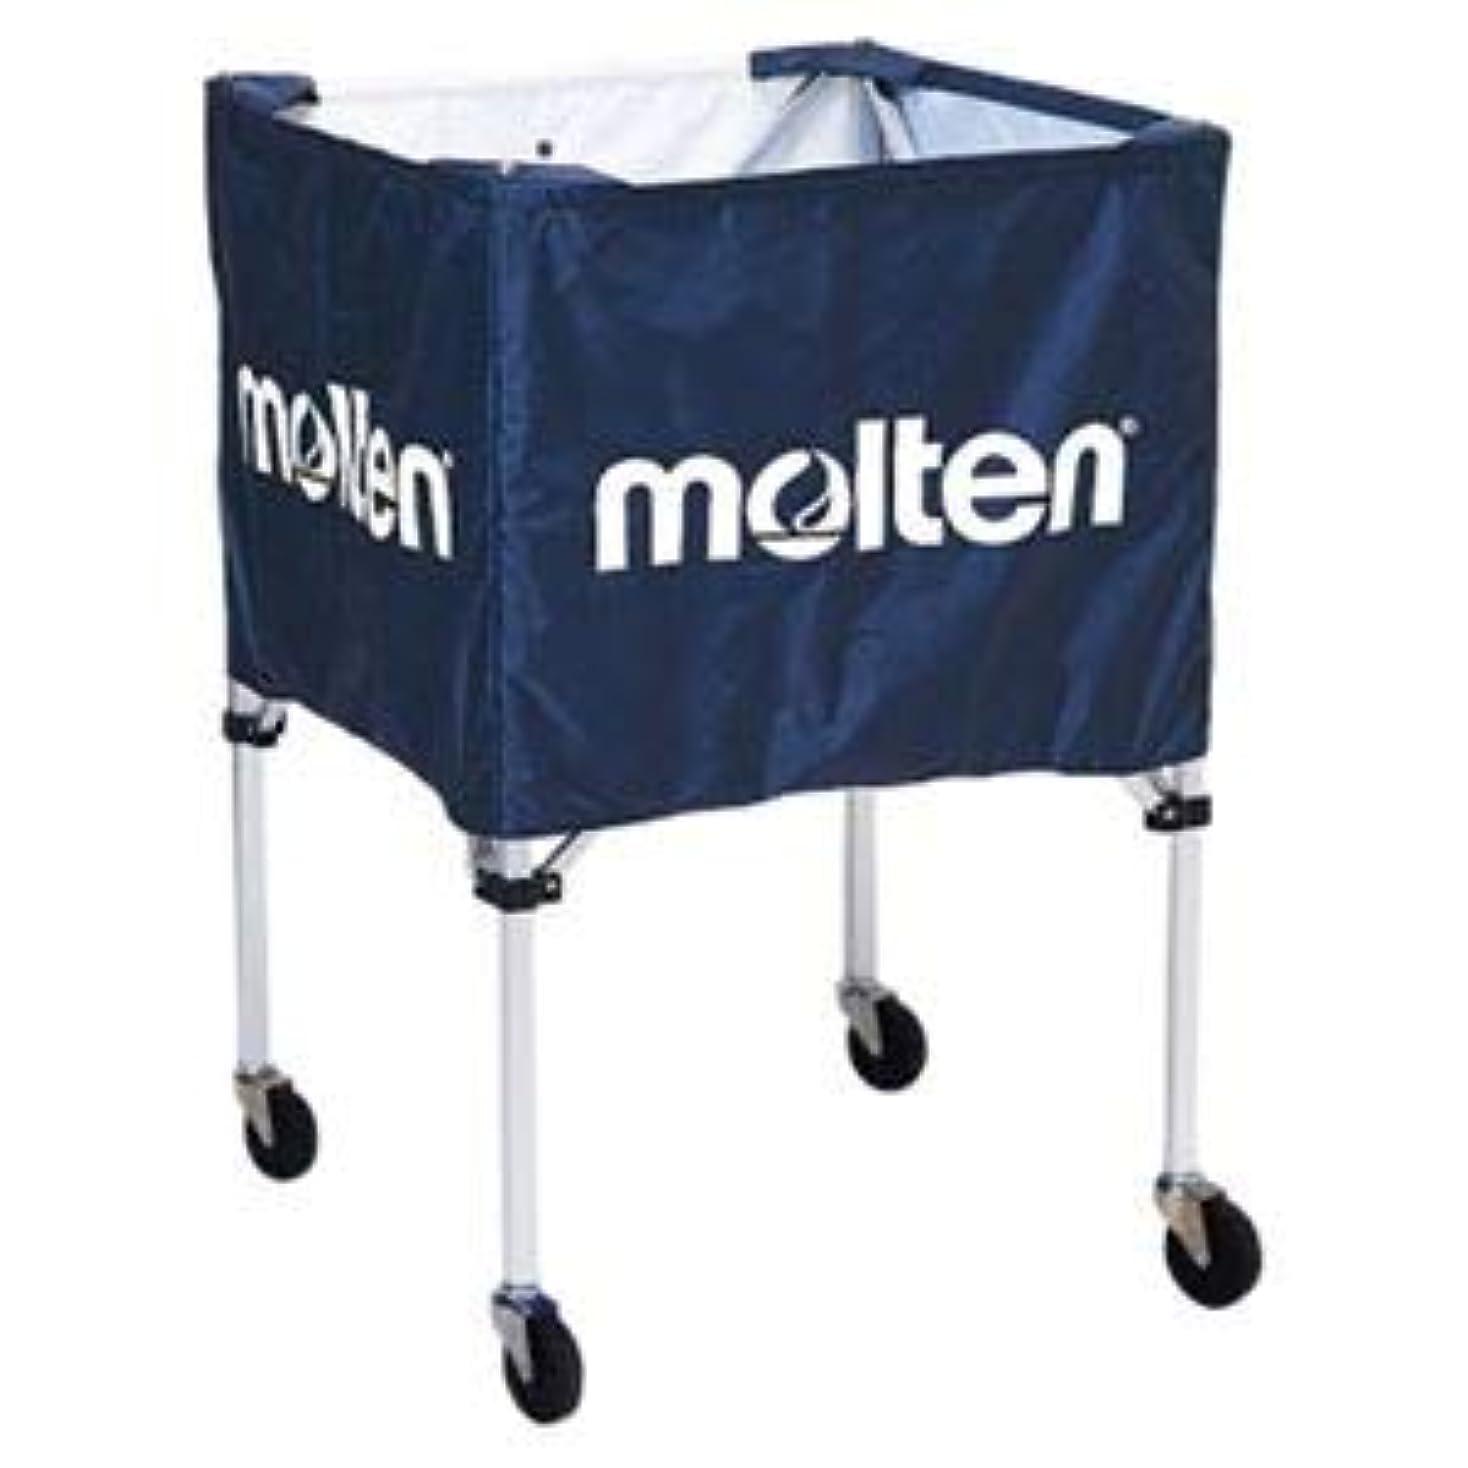 モッキンバード出口外科医モルテン(Molten) 折りたたみ式ボールカゴ(屋外用)ネイビー BK20HOTNV